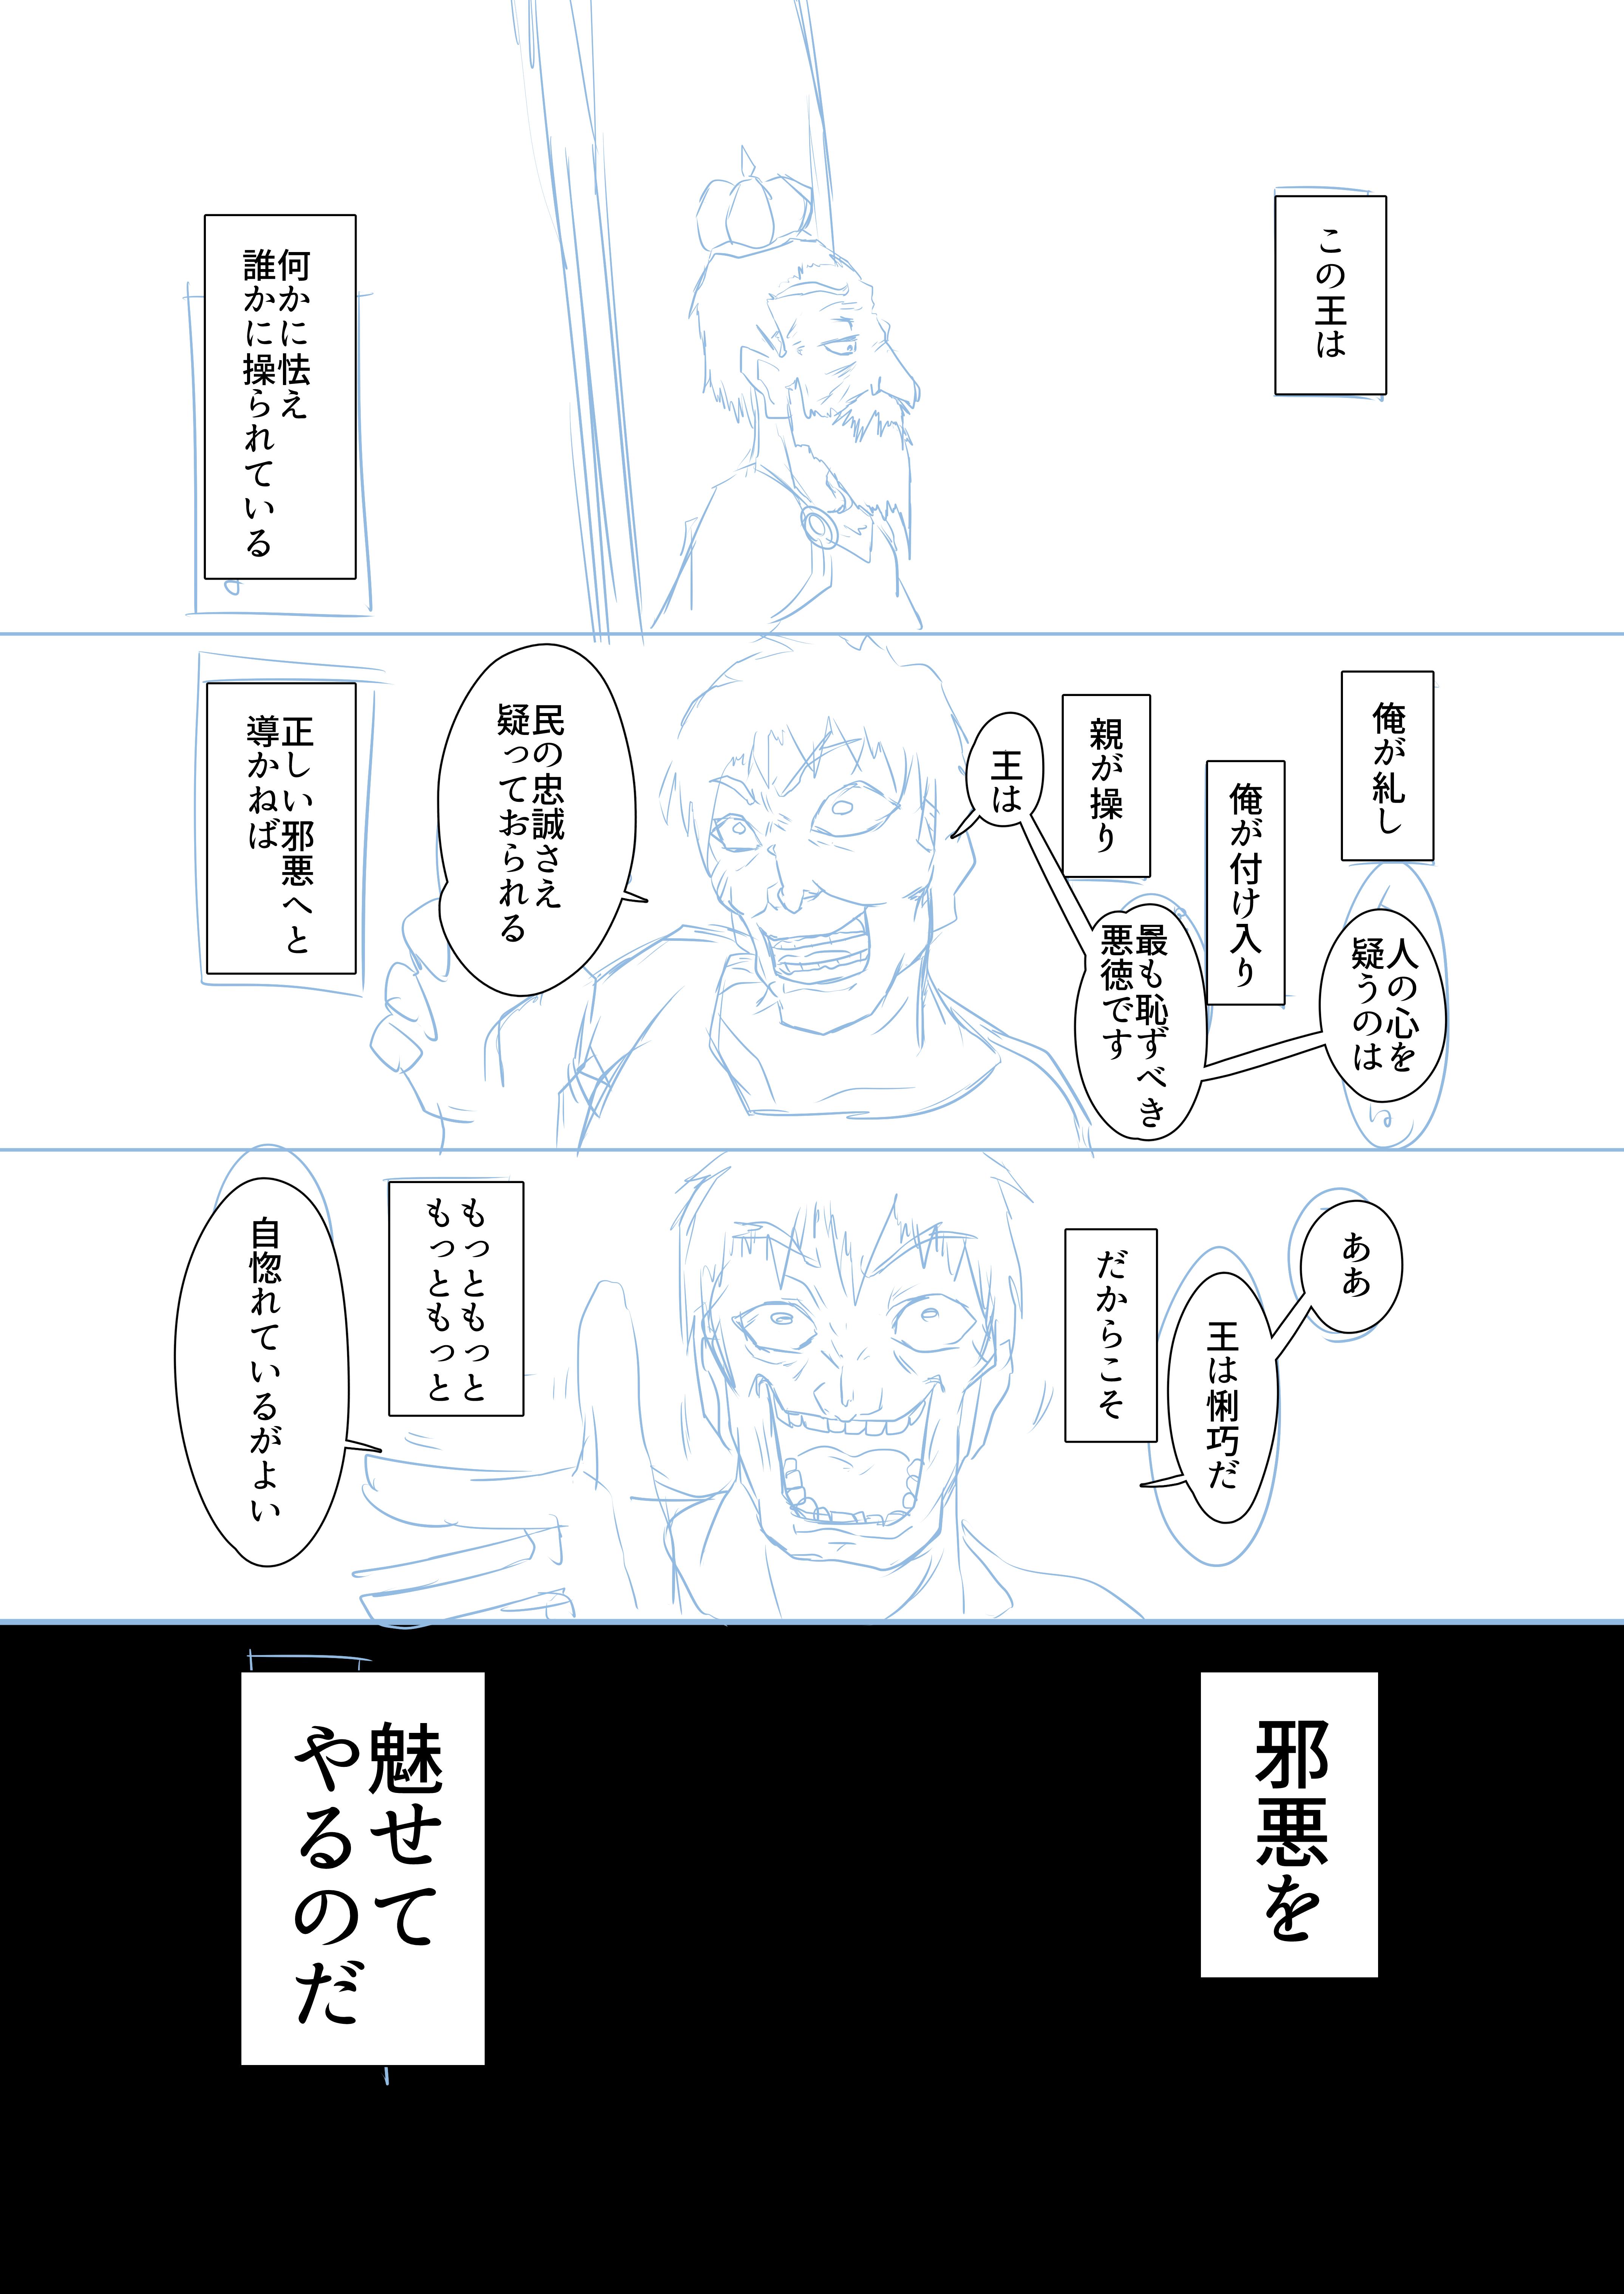 toketsu_056